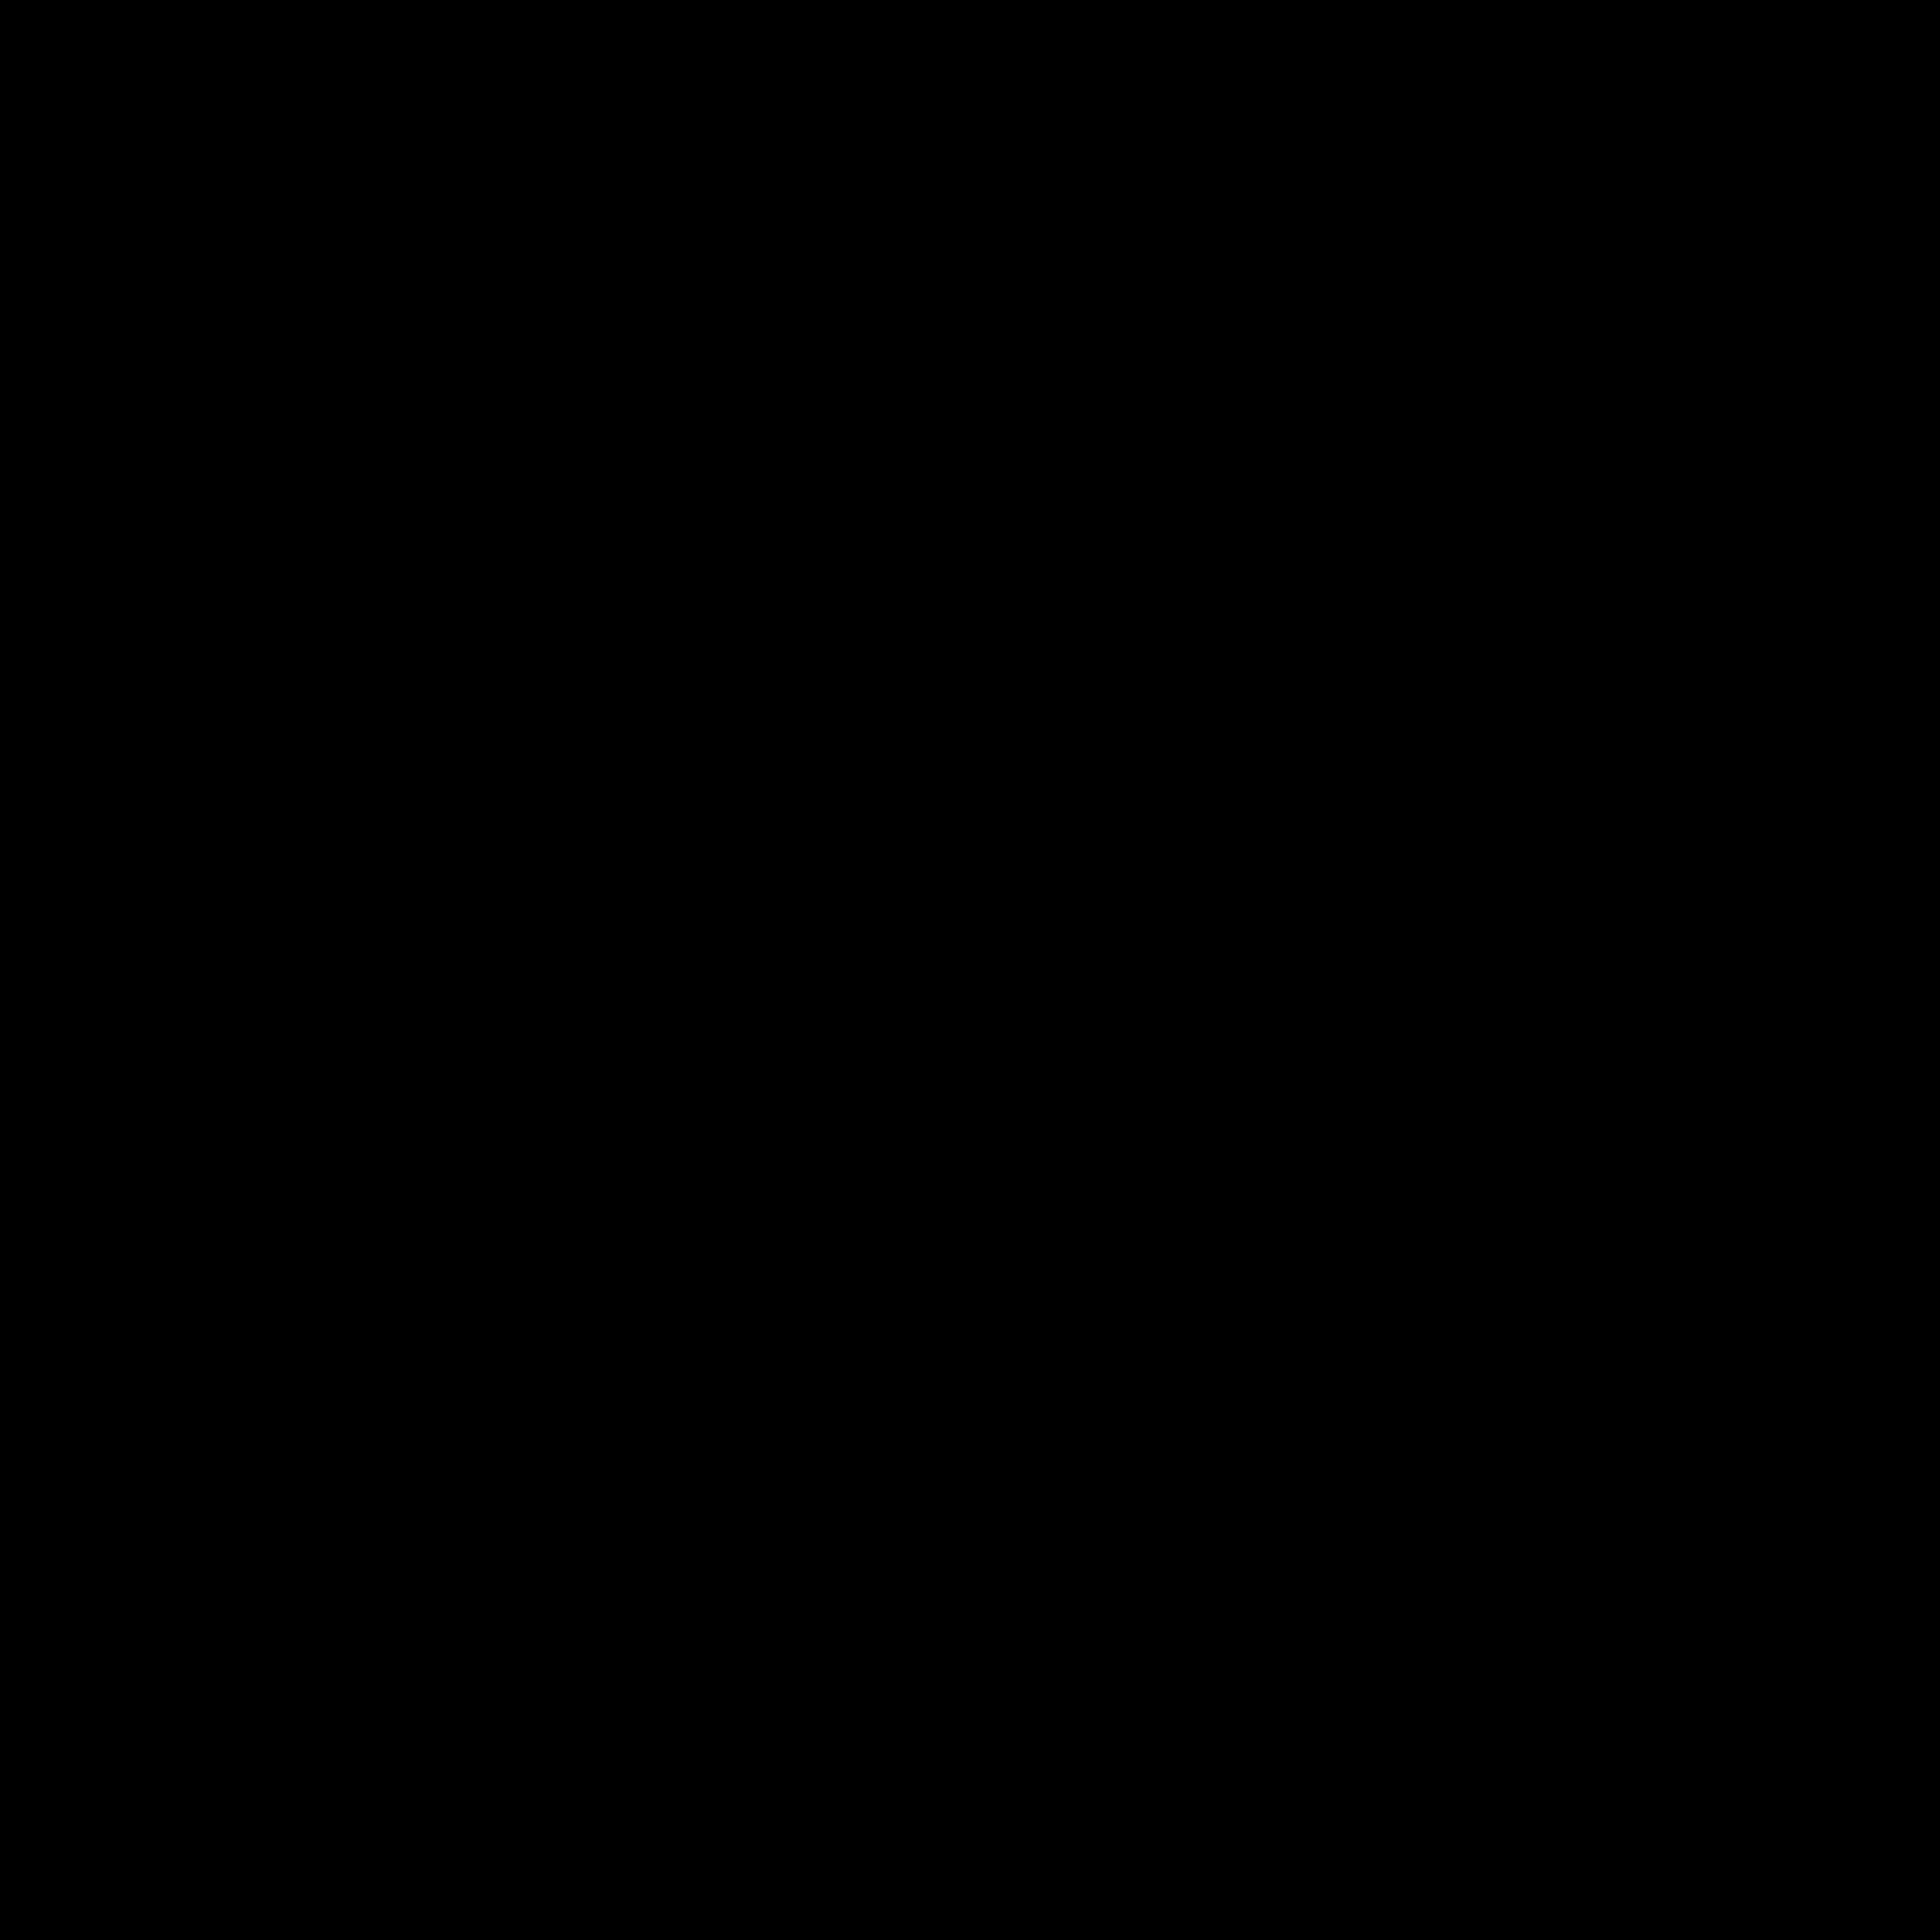 meinstativ